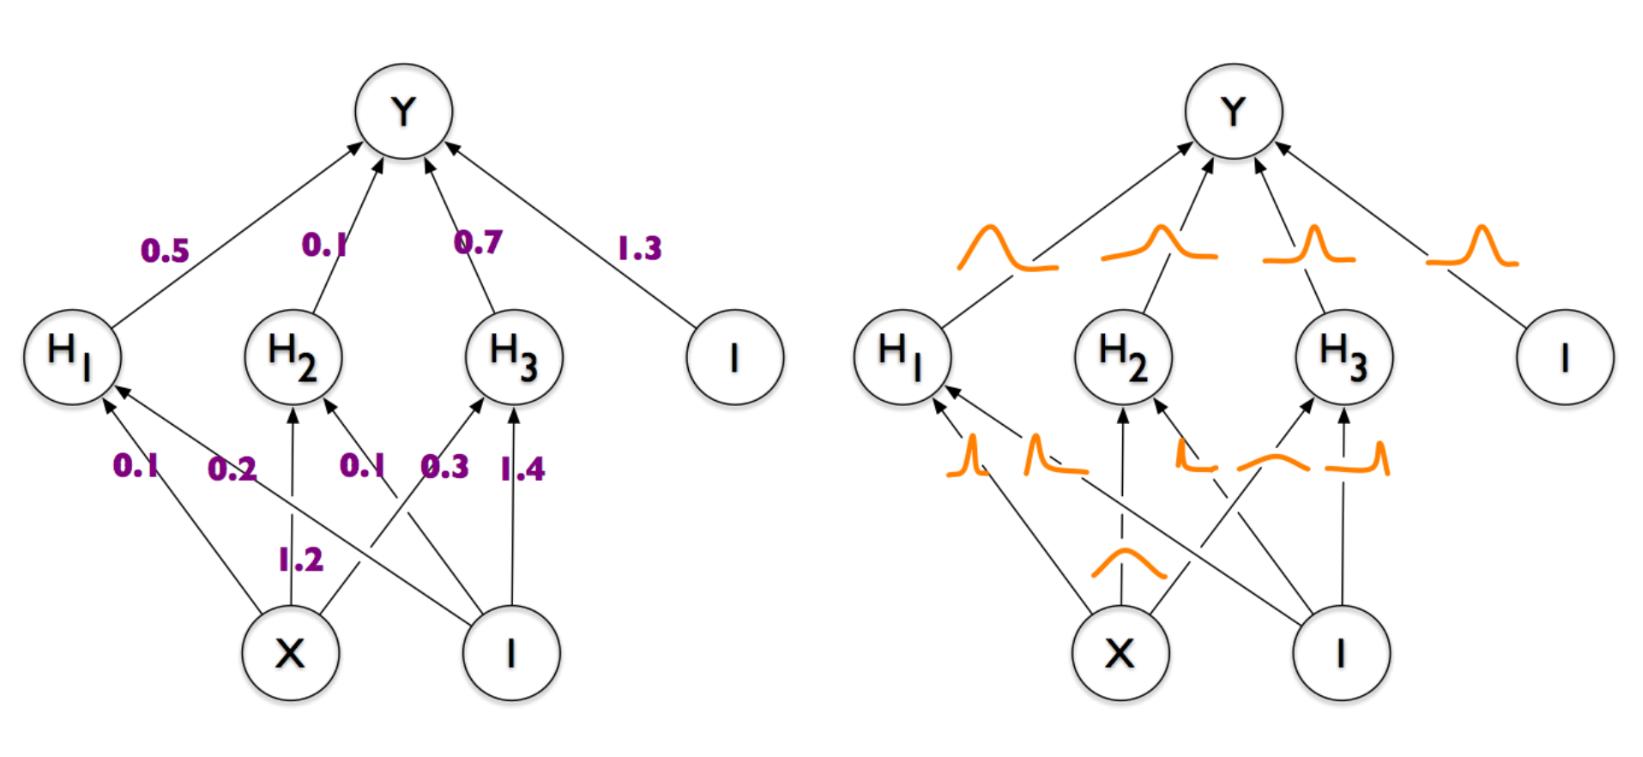 Байесовская нейронная сеть — потому что а почему бы и нет, черт возьми (часть 1) - 1